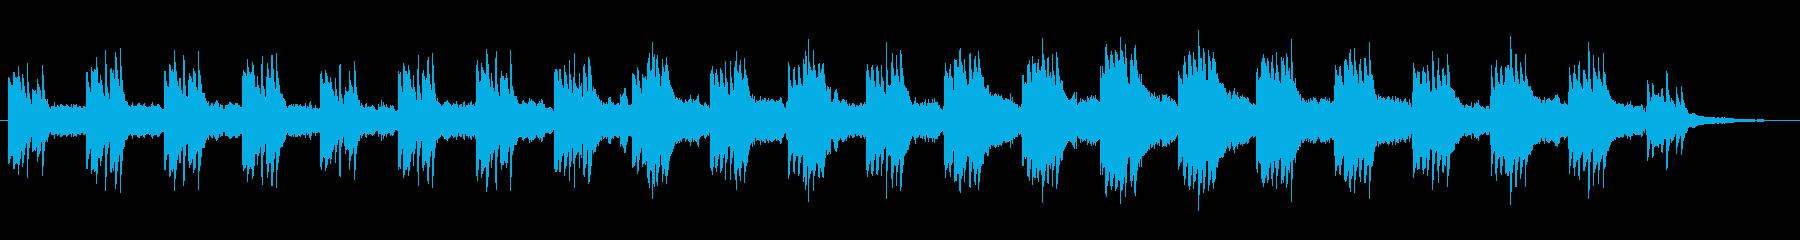 推理・謎解きの時に流れそうな不思議BGMの再生済みの波形